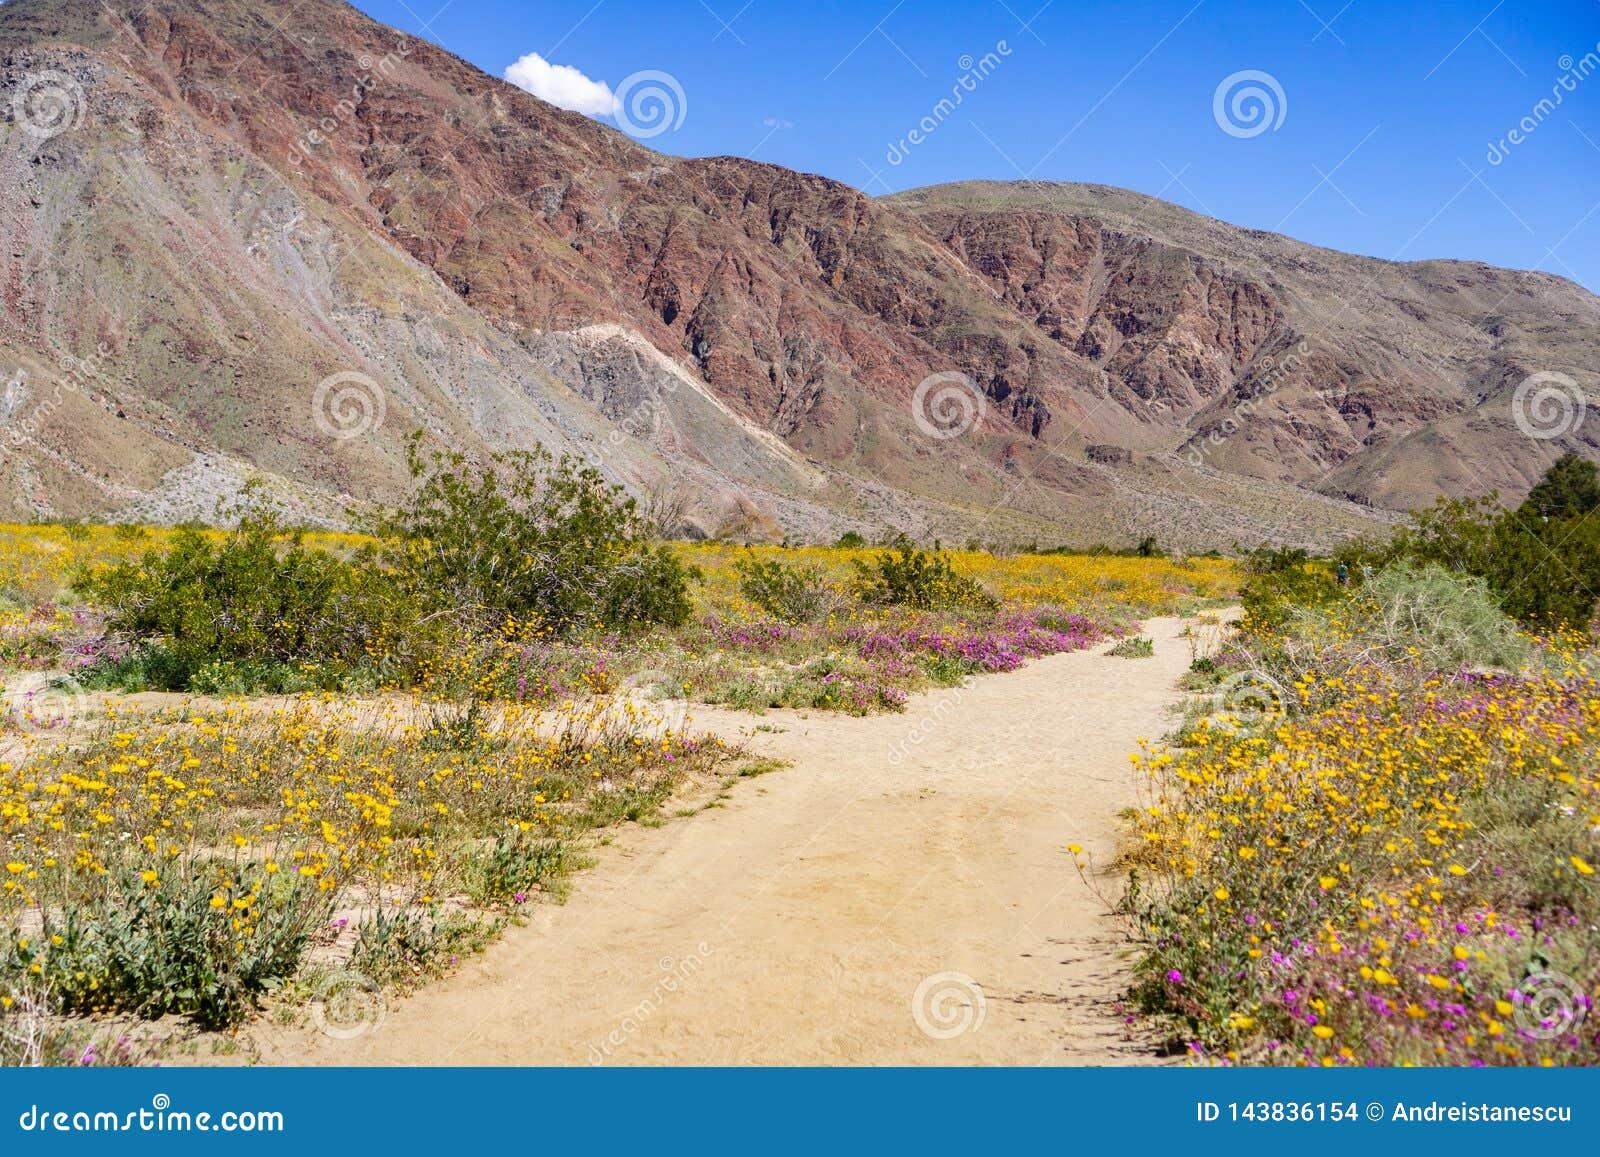 Fuga de passeio alinhada com canescens de Geraea dos girassóis de deserto e Abronia de florescência Villosa do verbena de areia e